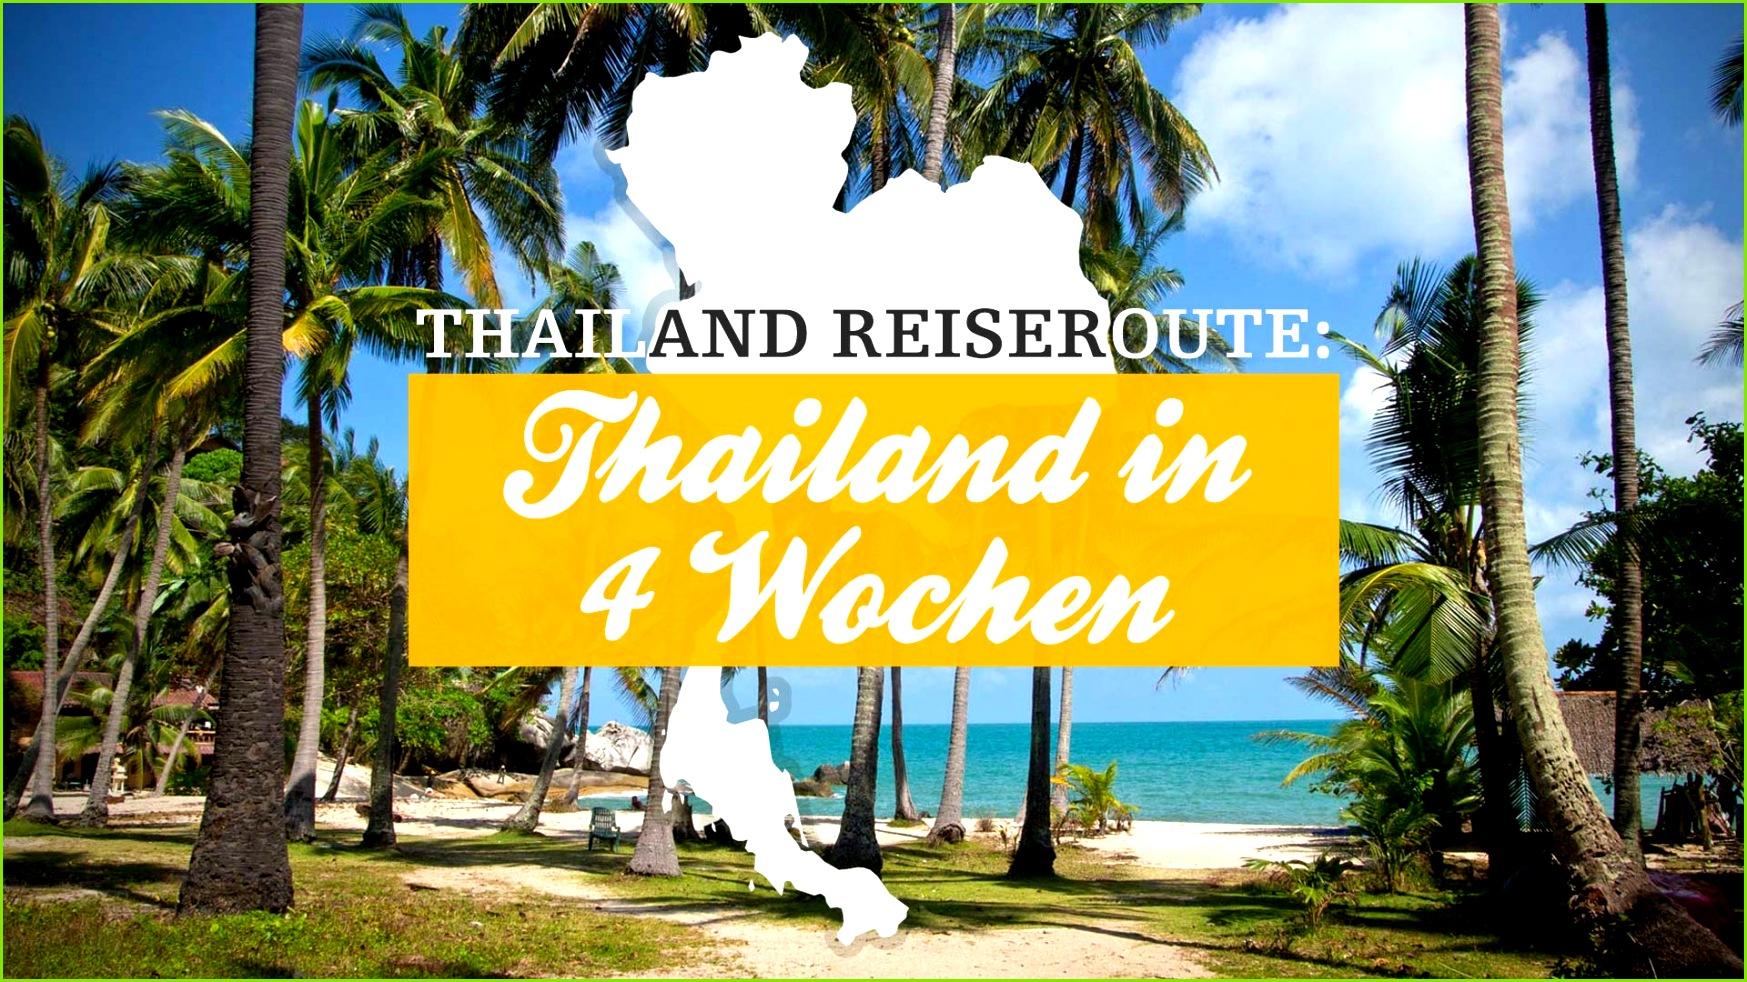 Thailand Reiseroute Thailand in 4 Wochen